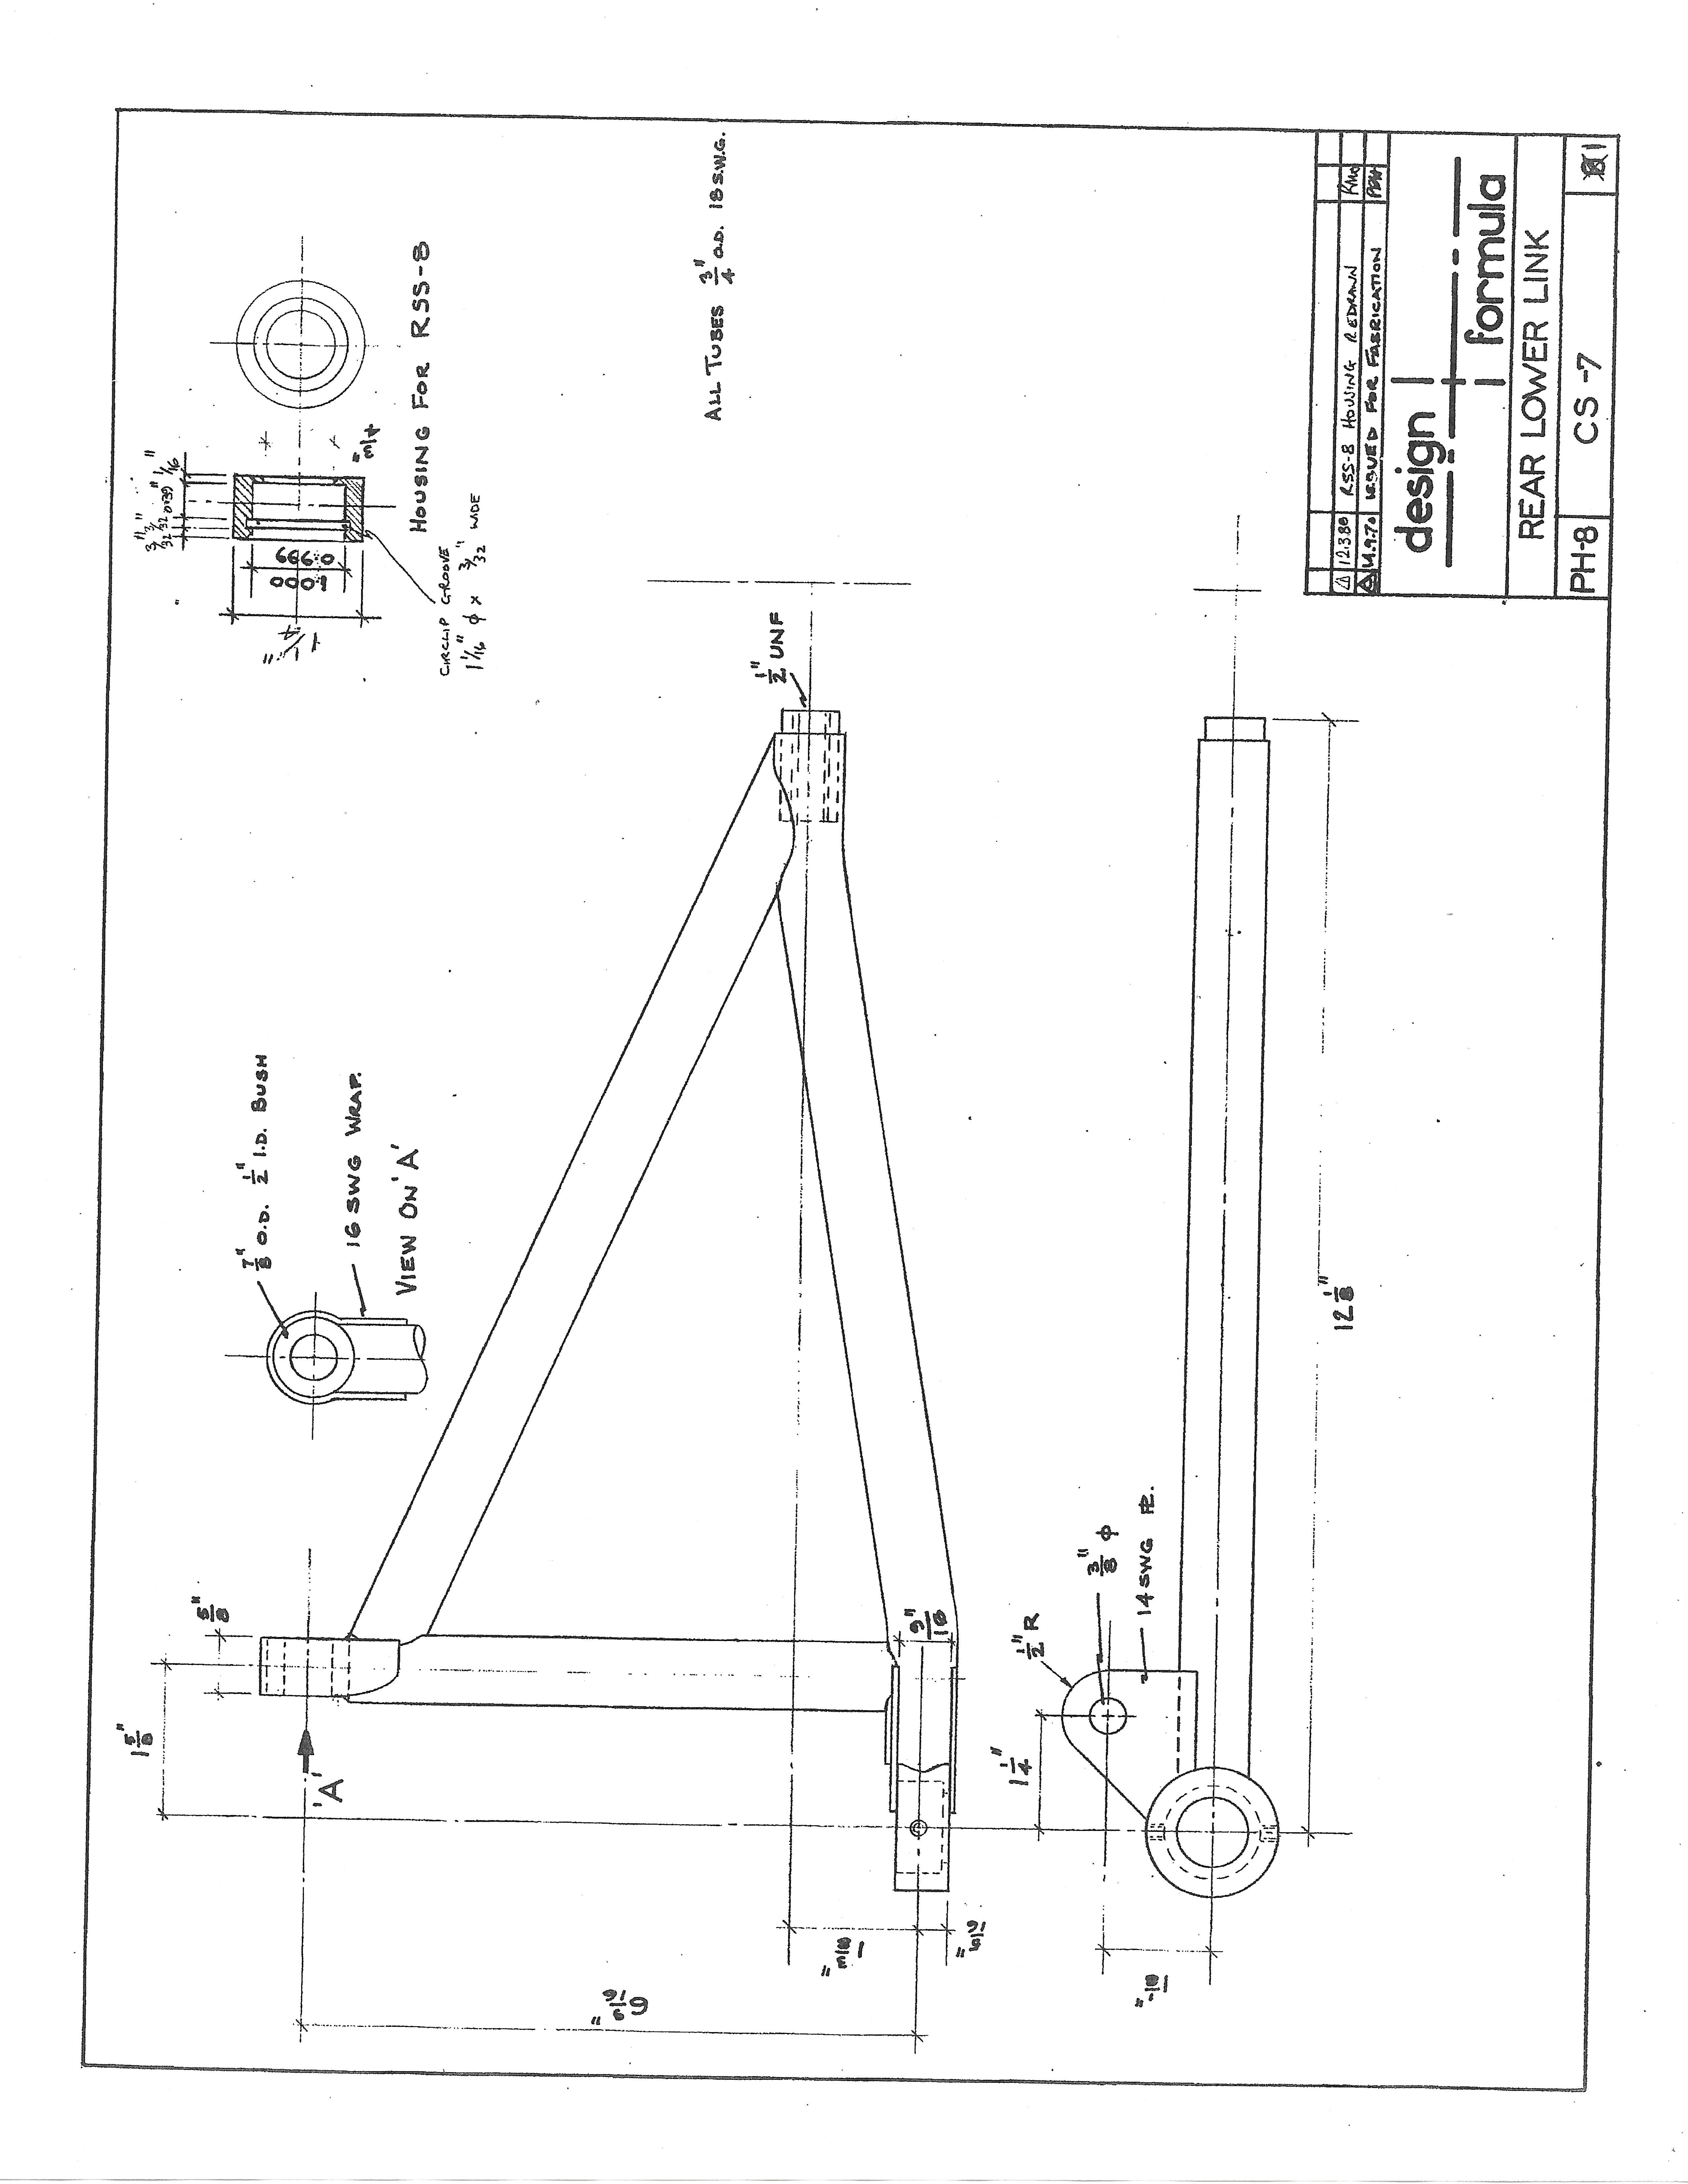 Elden FF Rear Suspension A Arm drawing